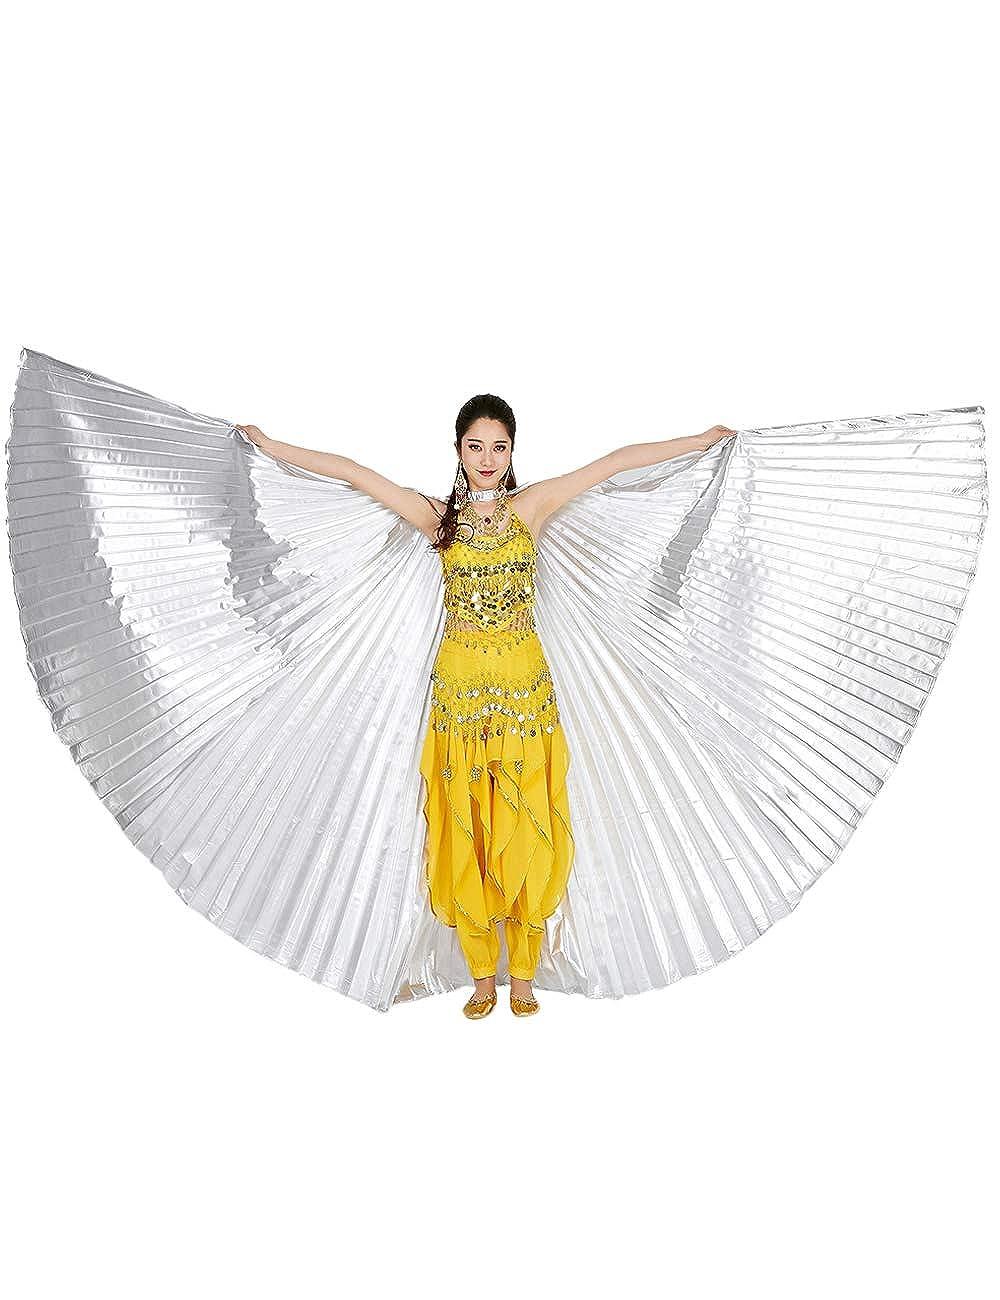 360 Grados Alas de Danza del Egipto Trajes de la Etapa Props besbomig Mujer Alas de Danza del Vientre con Telesc/ópico Palos//Barras